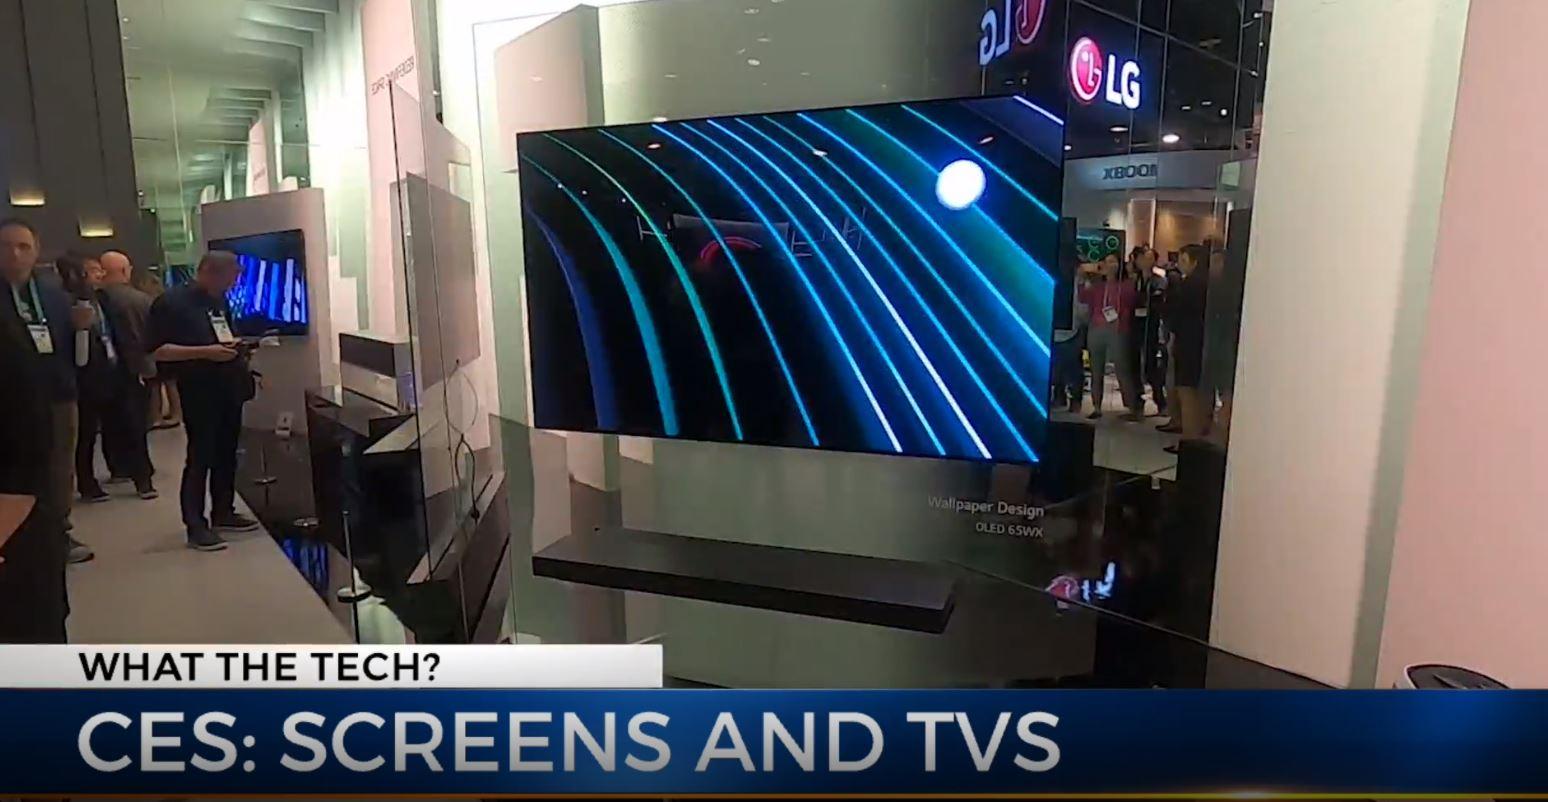 CES screens